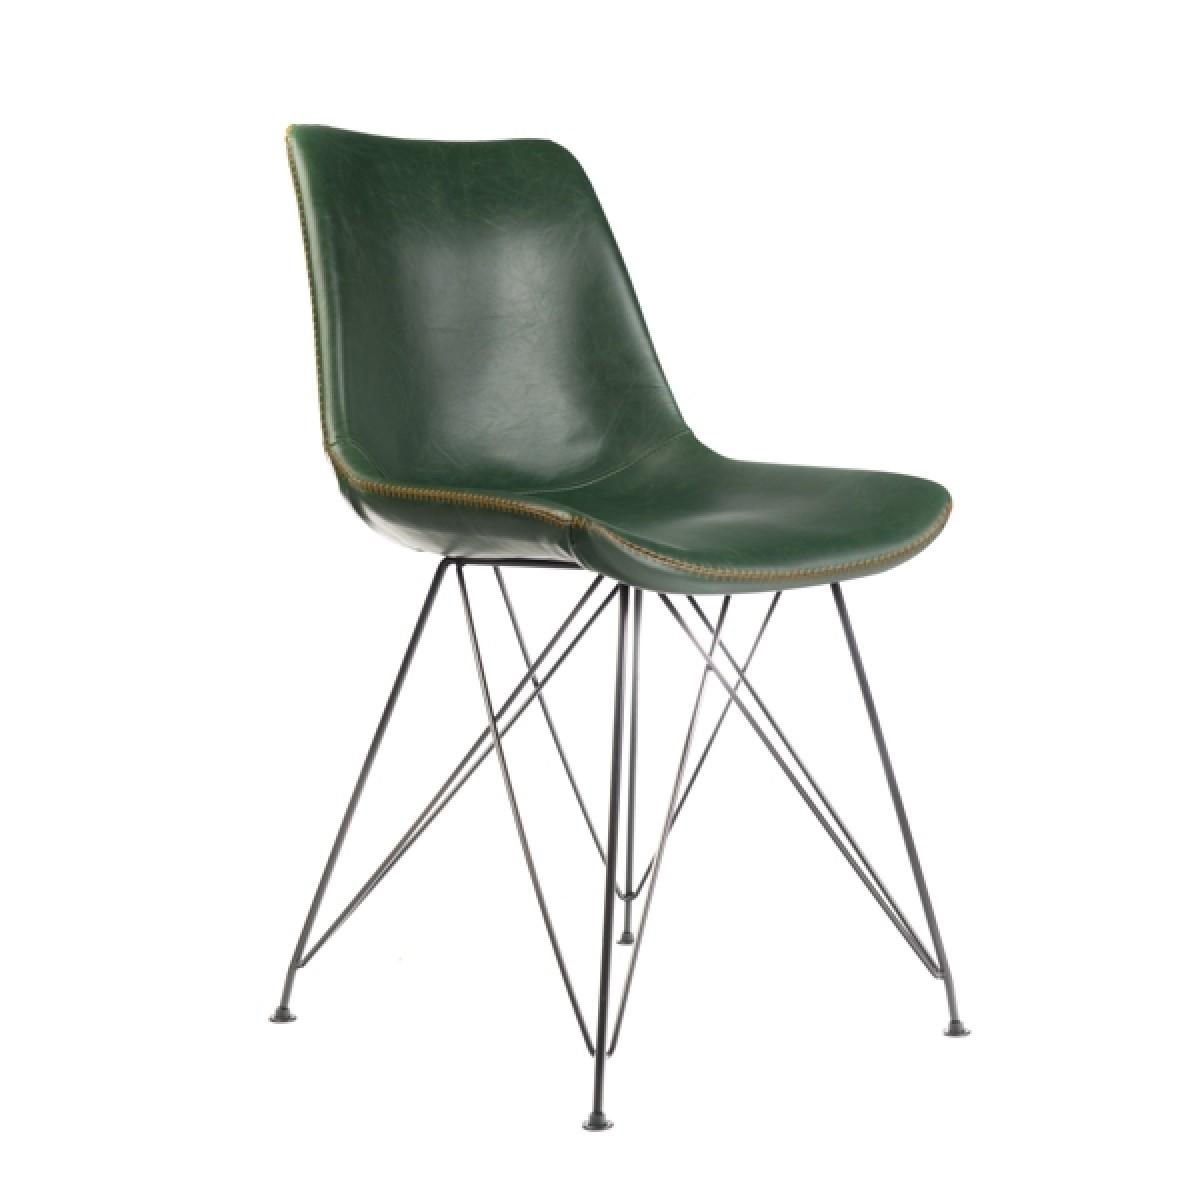 Inspirierend Stuhl Gepolstert Das Beste Von